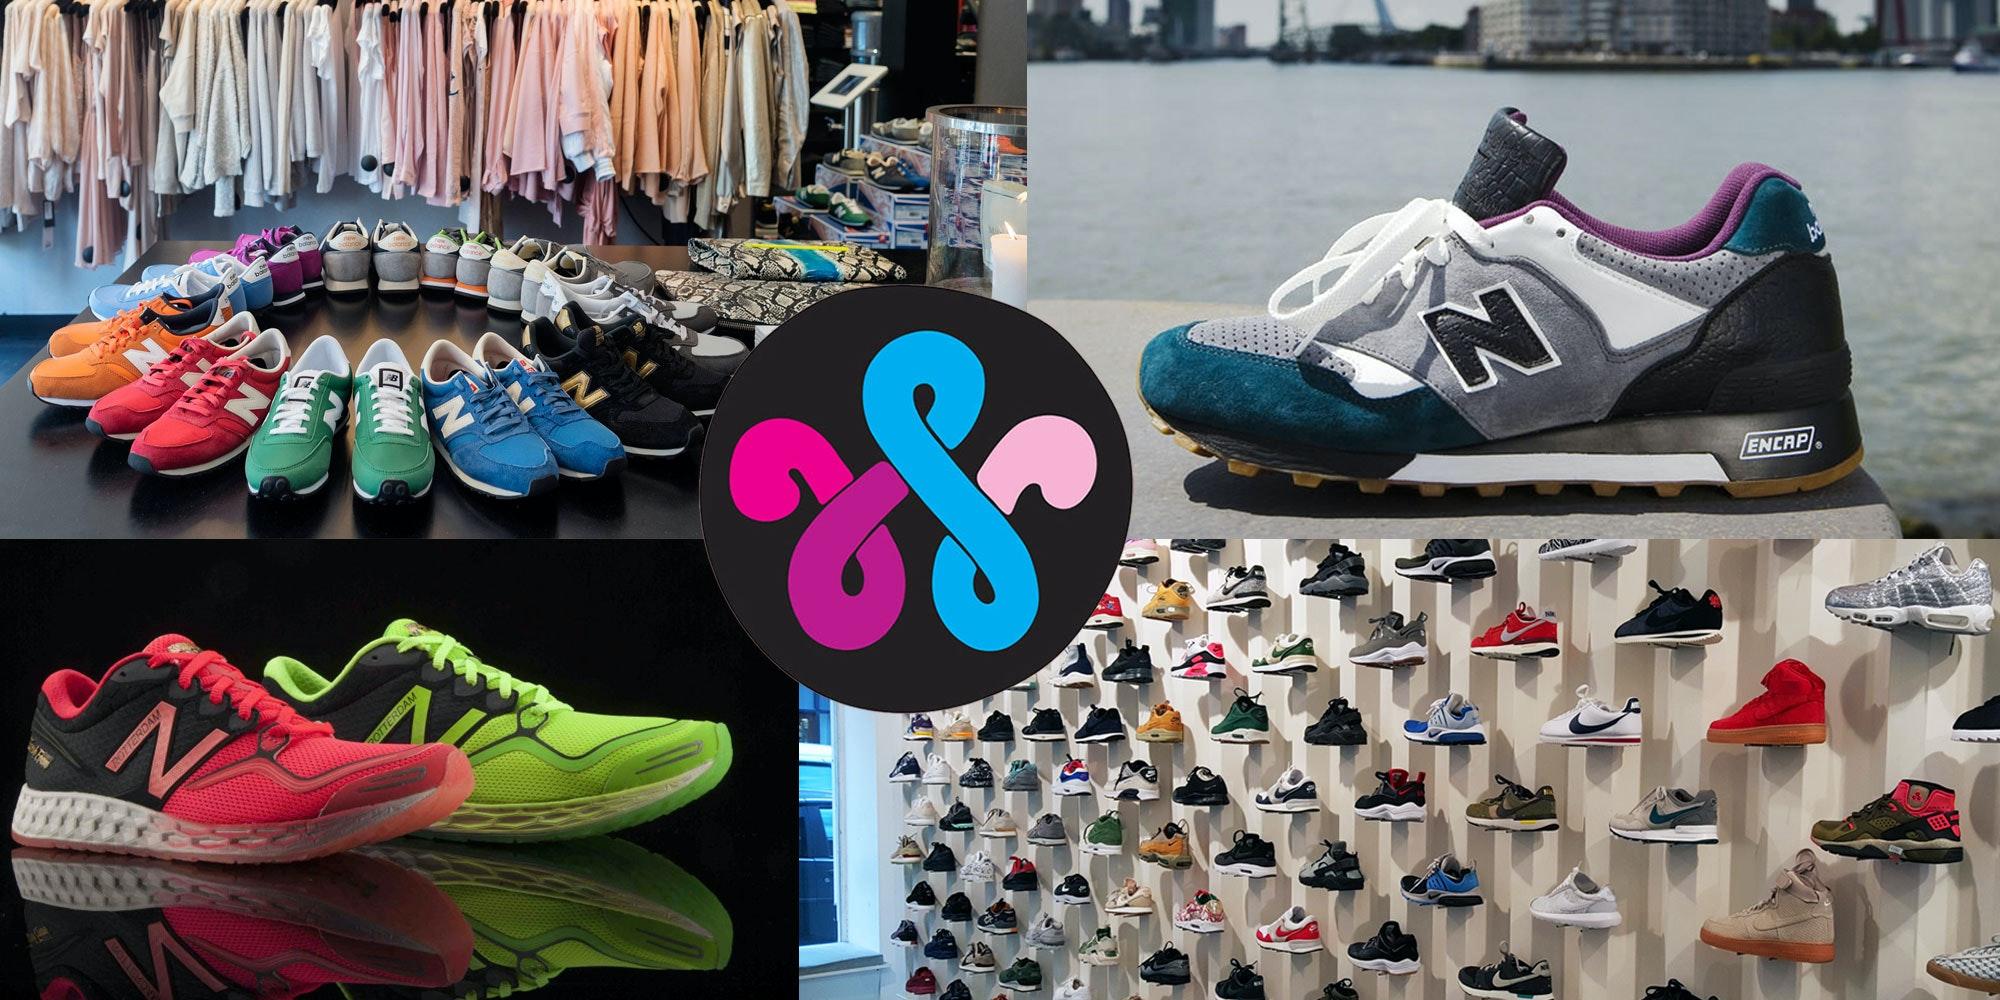 97bd7a35c63 Rotterdam Sneakerwalhalla | Rotterdam Tourist Information